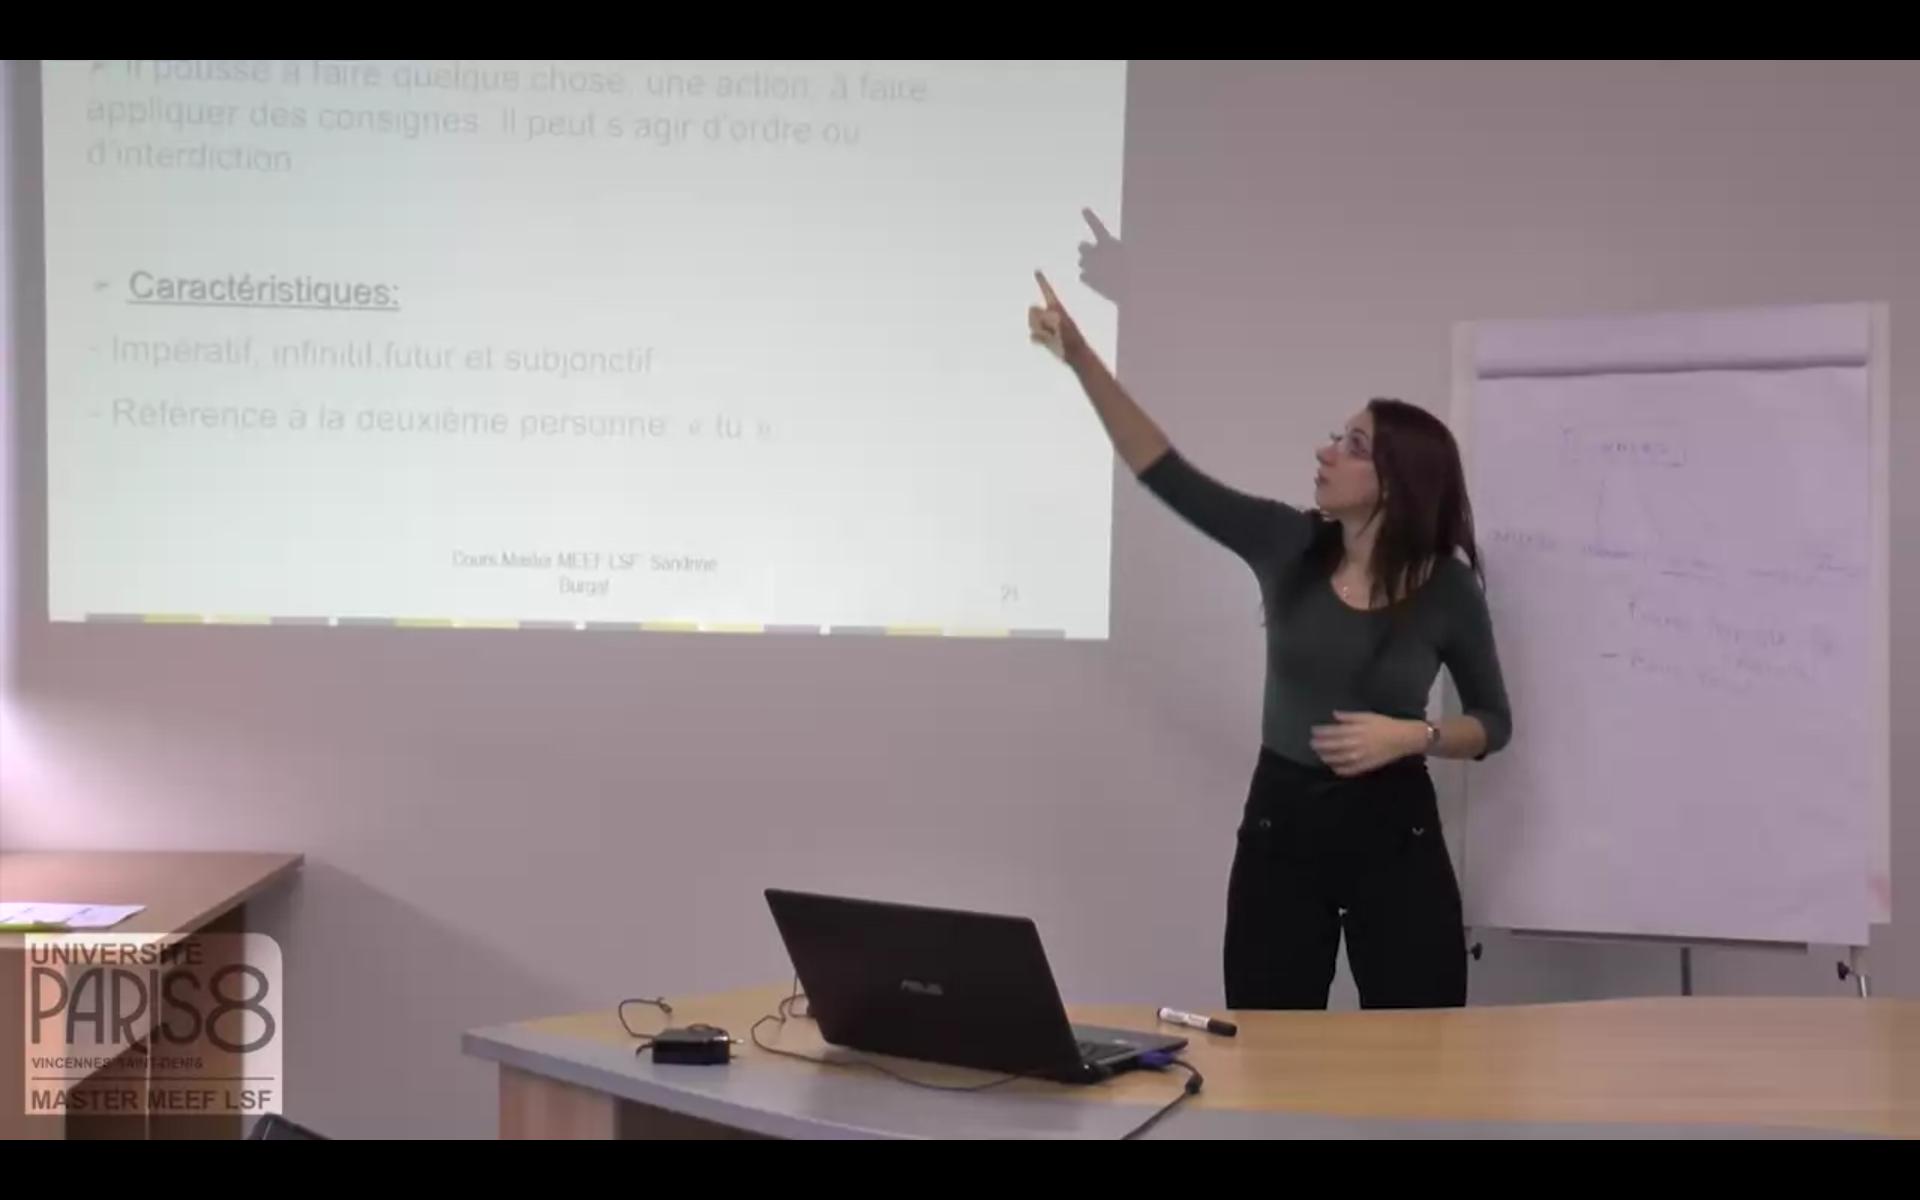 Capture décran de la vidéo du cours de Sandrine Burgat, enseignante en Master MEEF LSF, enregistré en octobre 2015.